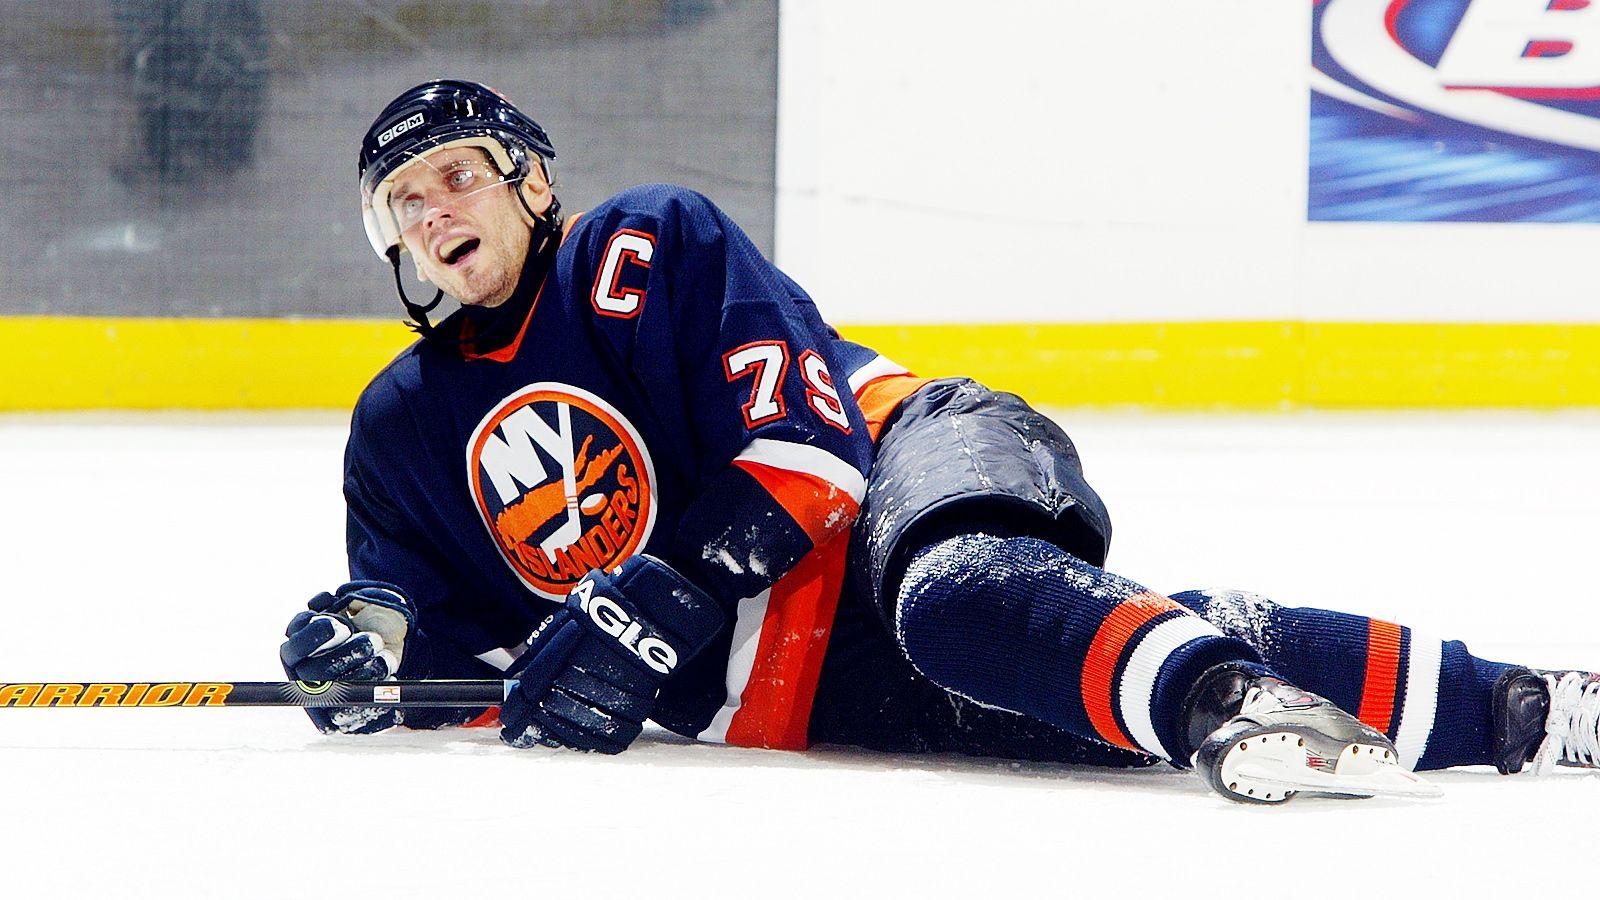 популярность эскизов легенды канадского хоккея список с фото спать